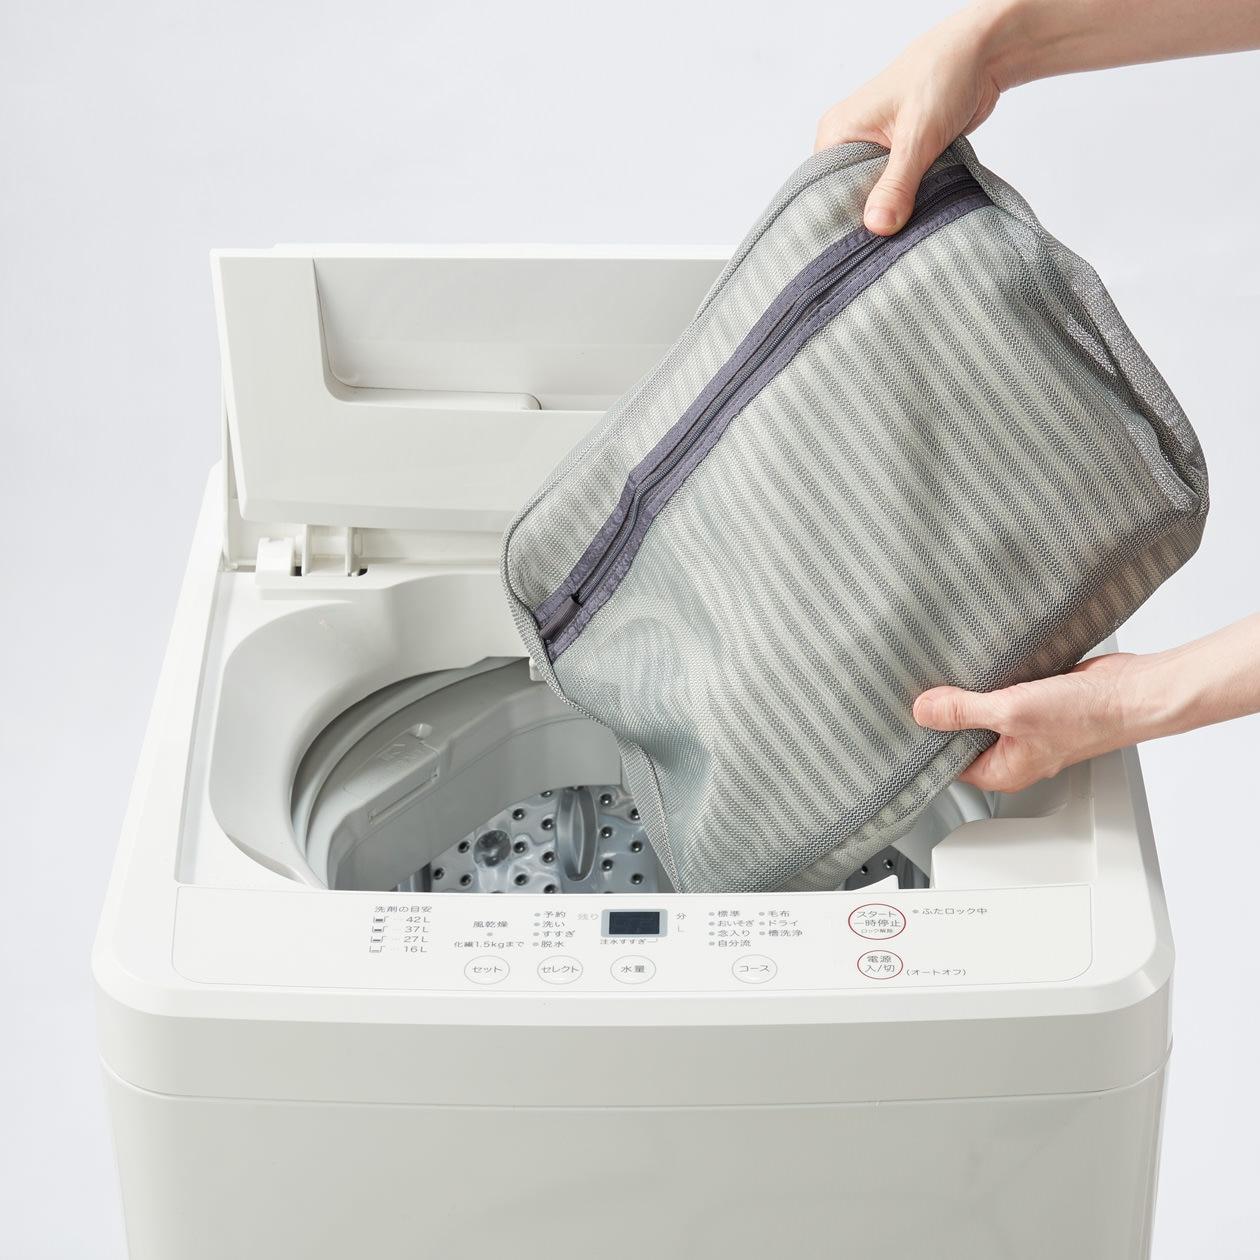 尼龍網布料存衣袋 | 無印良品 MUJI